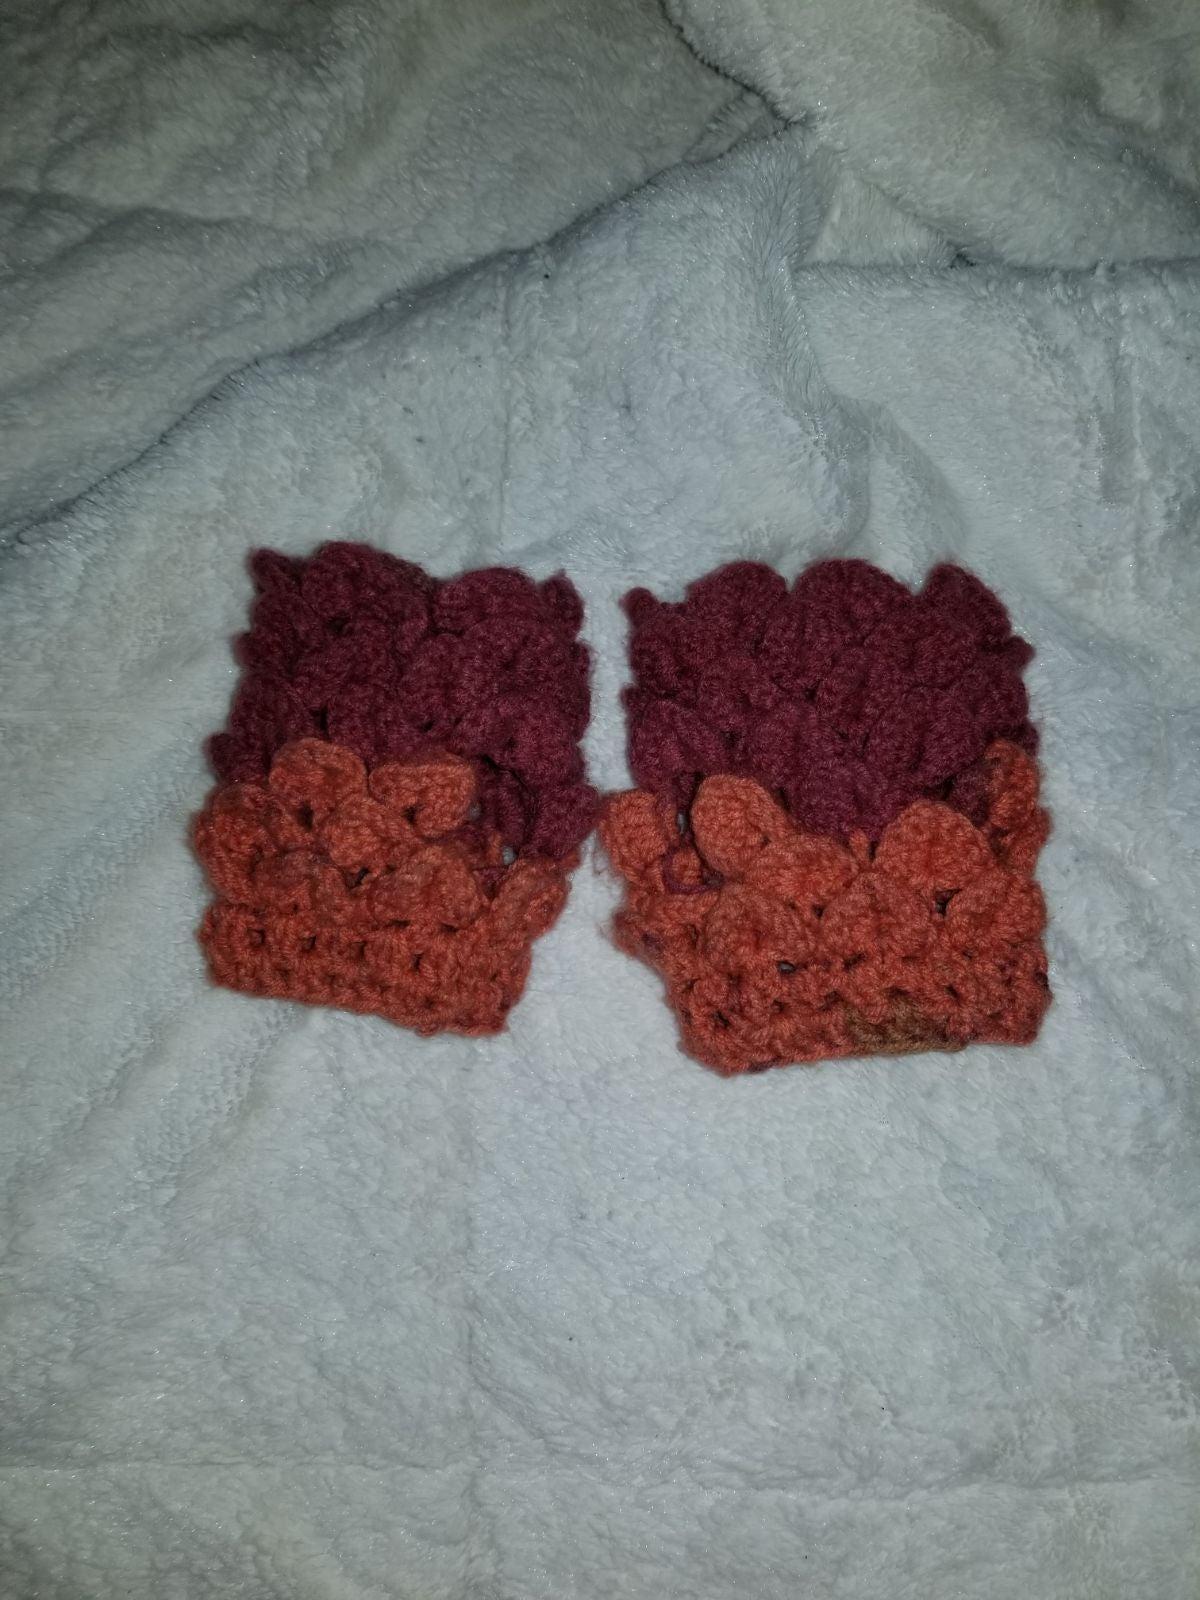 Dragon scale crochet fingerless gloves